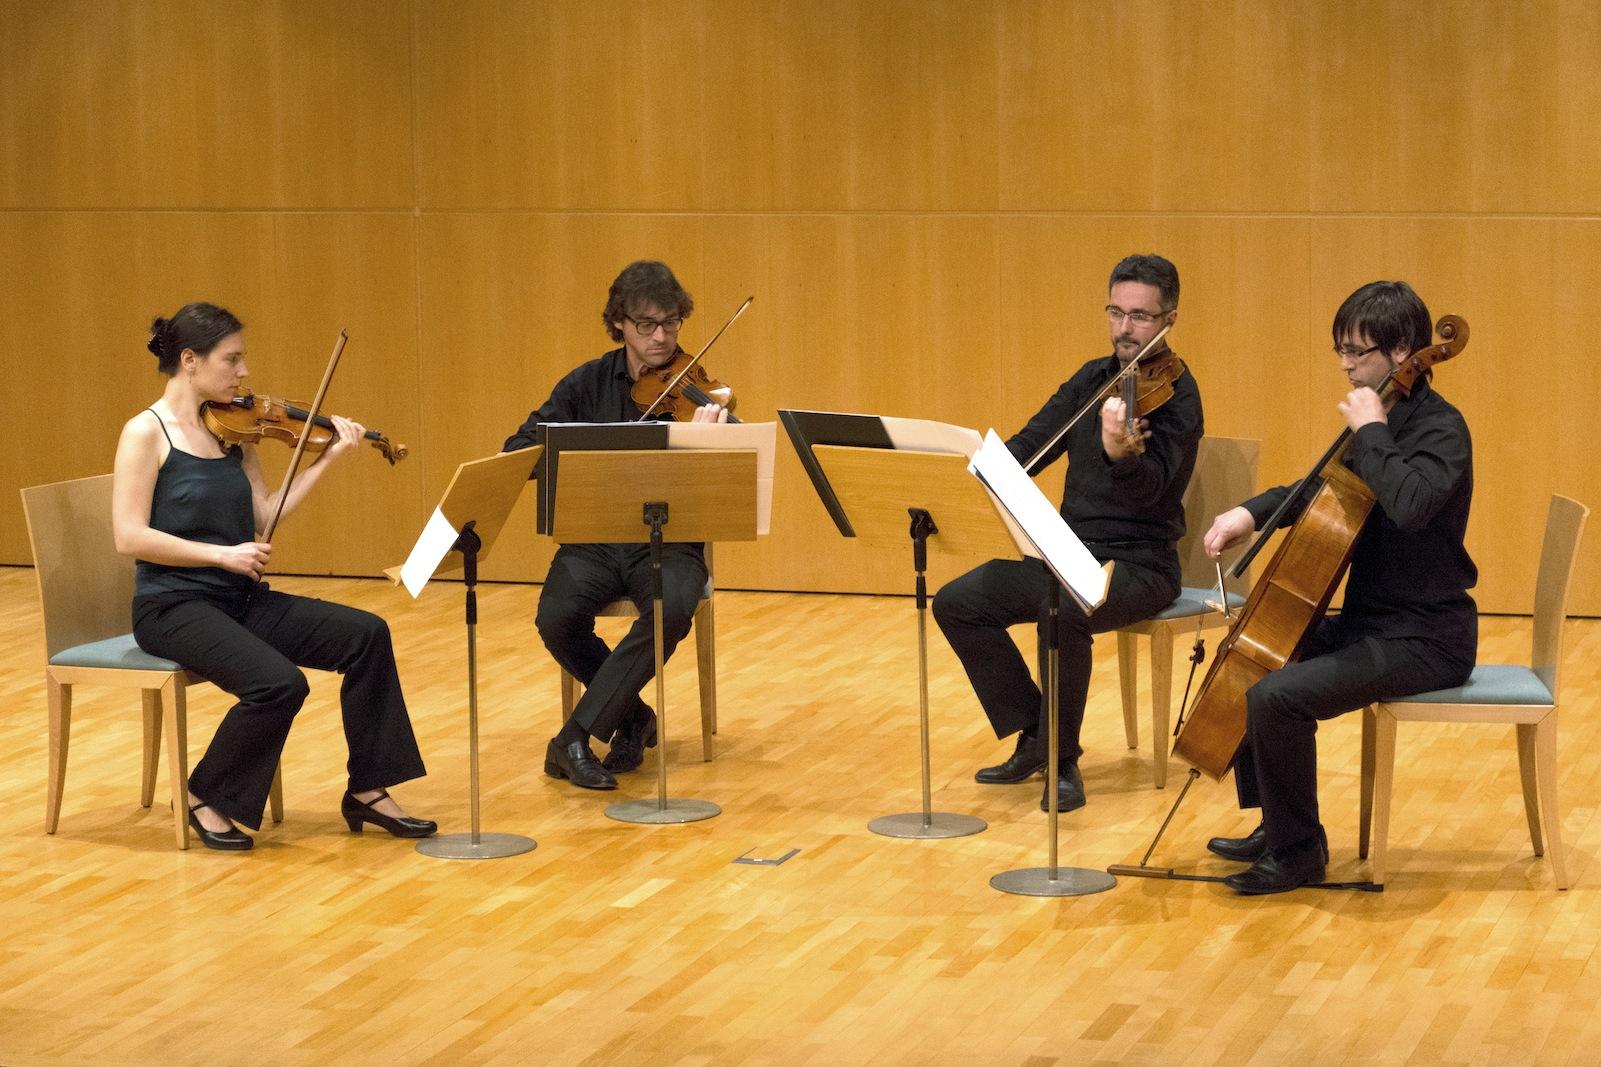 TEIXIDOR, ESTERRI HAYDN. Quartet Teixidor